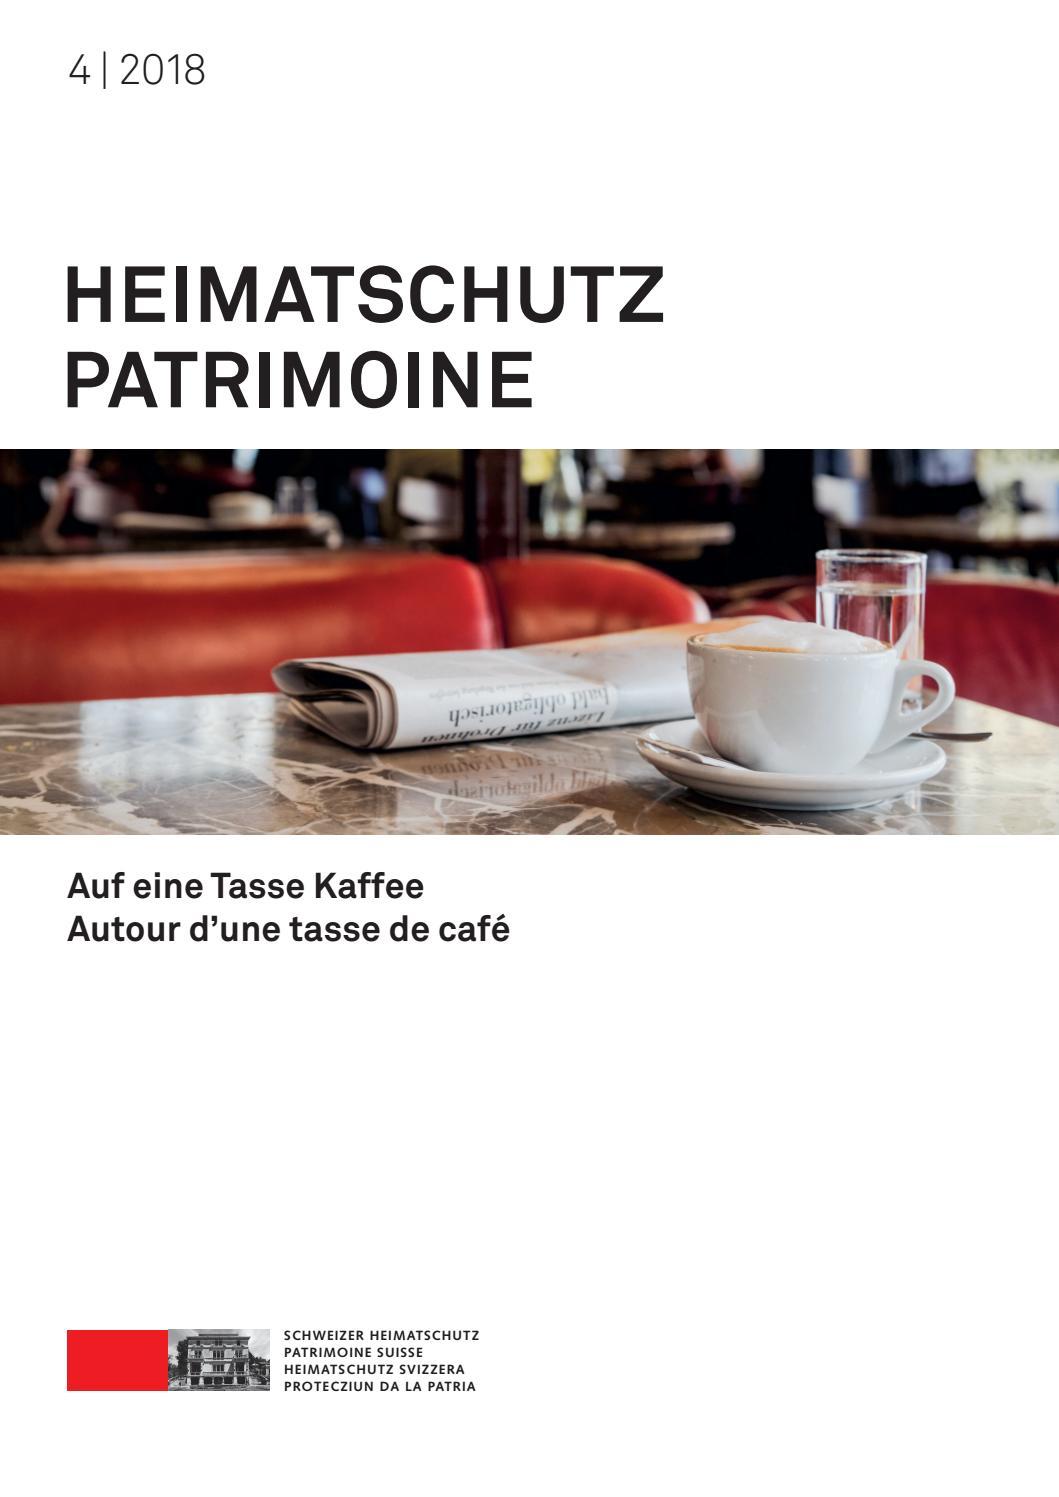 Heimatschutz/patrimoine 4-2018 By Schweizer Heimatschutz - Issuu pour Sudoku Grande Section